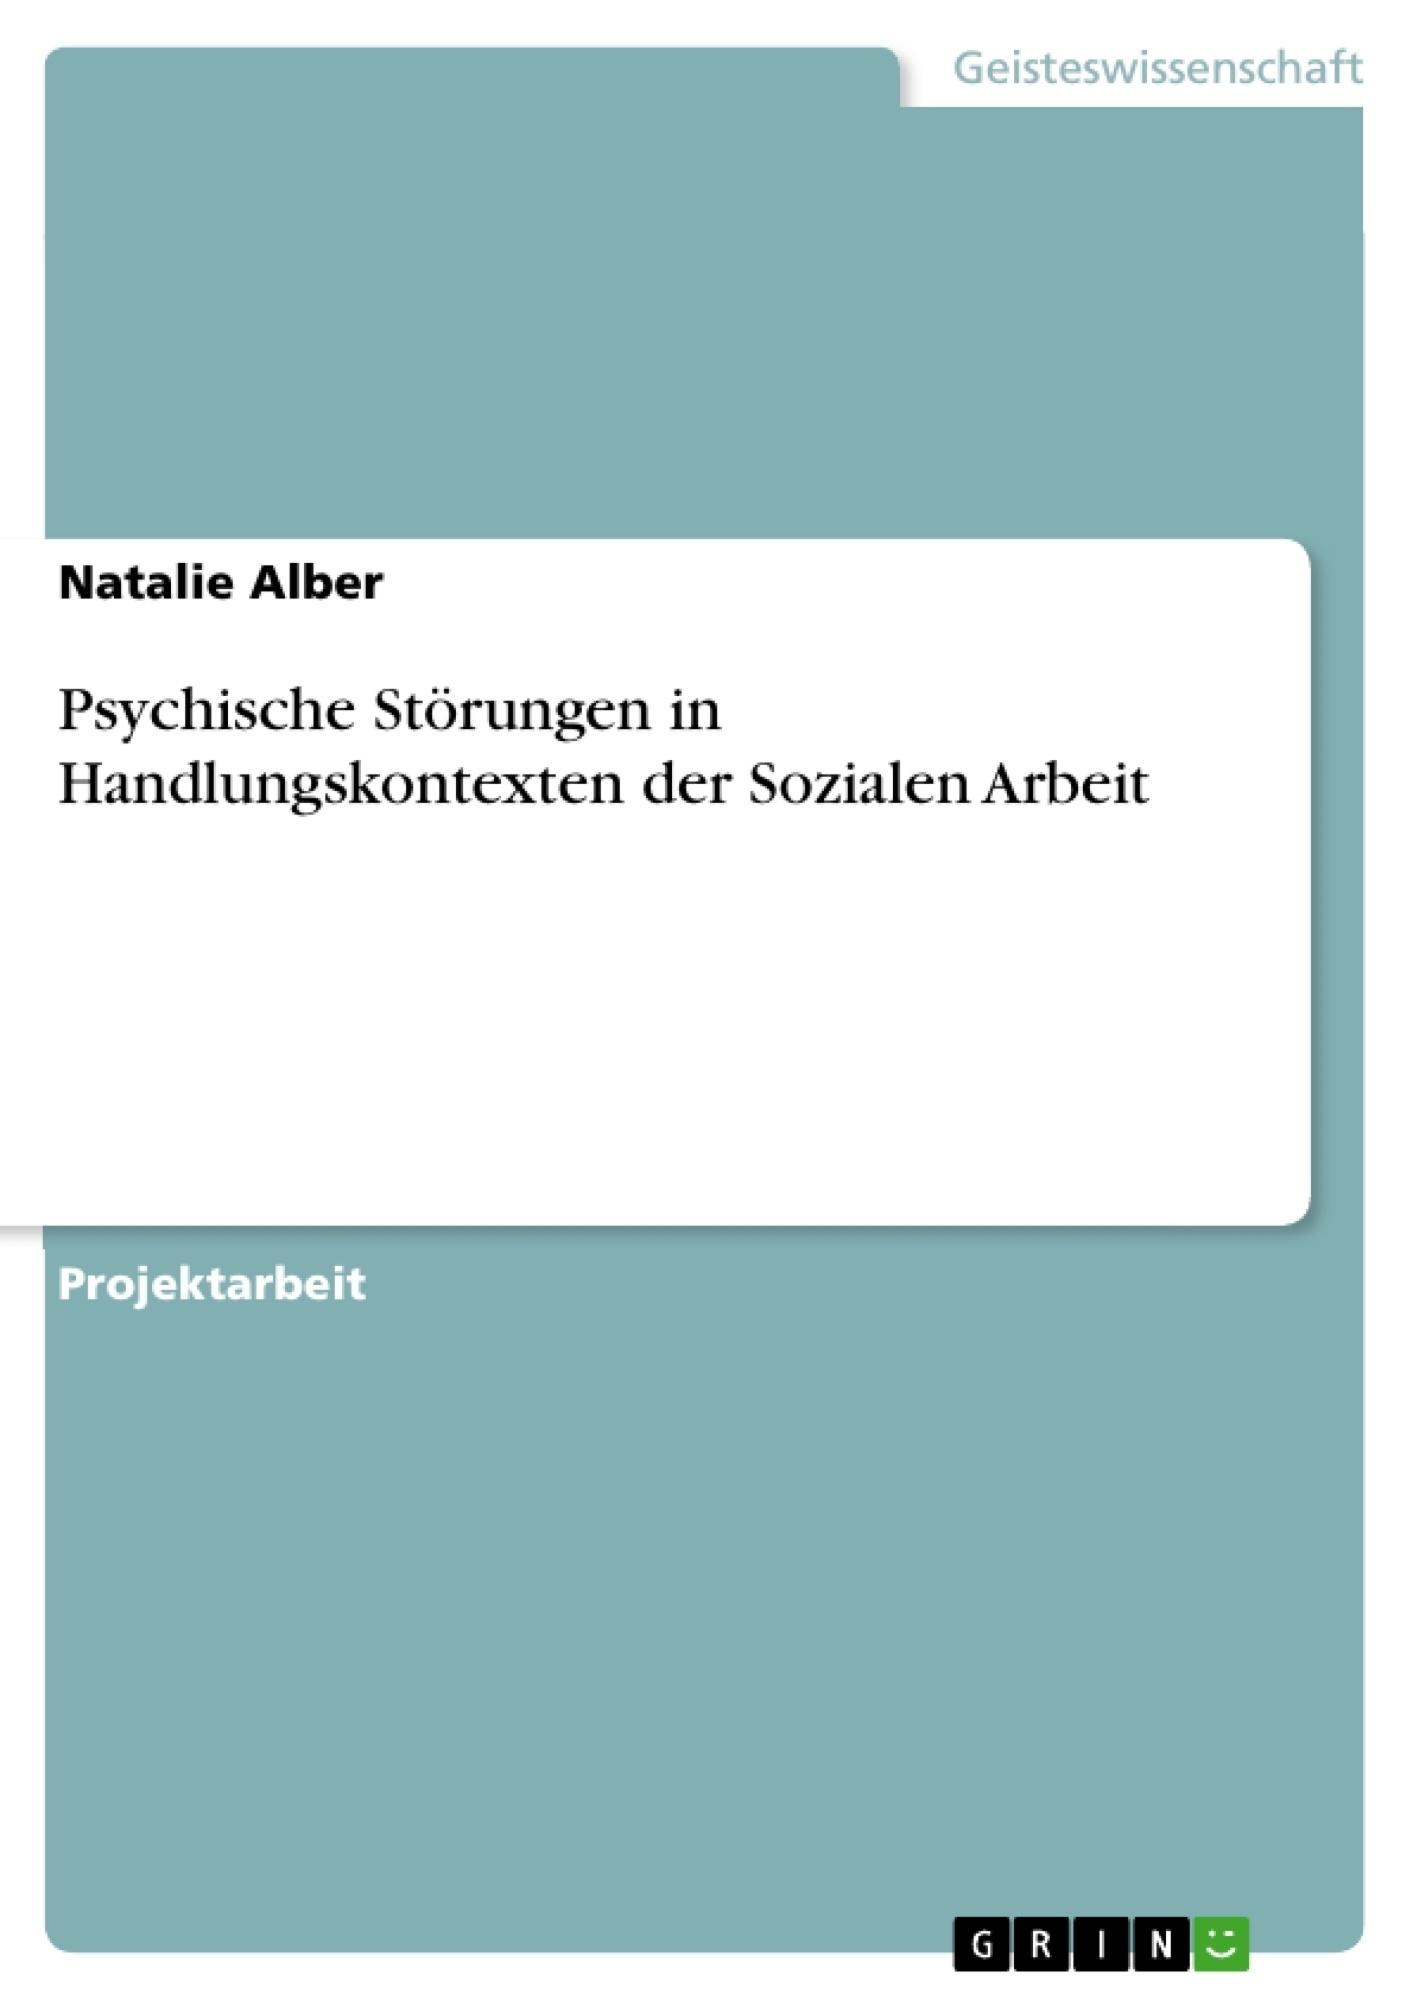 Titel: Psychische Störungen in Handlungskontexten der Sozialen Arbeit